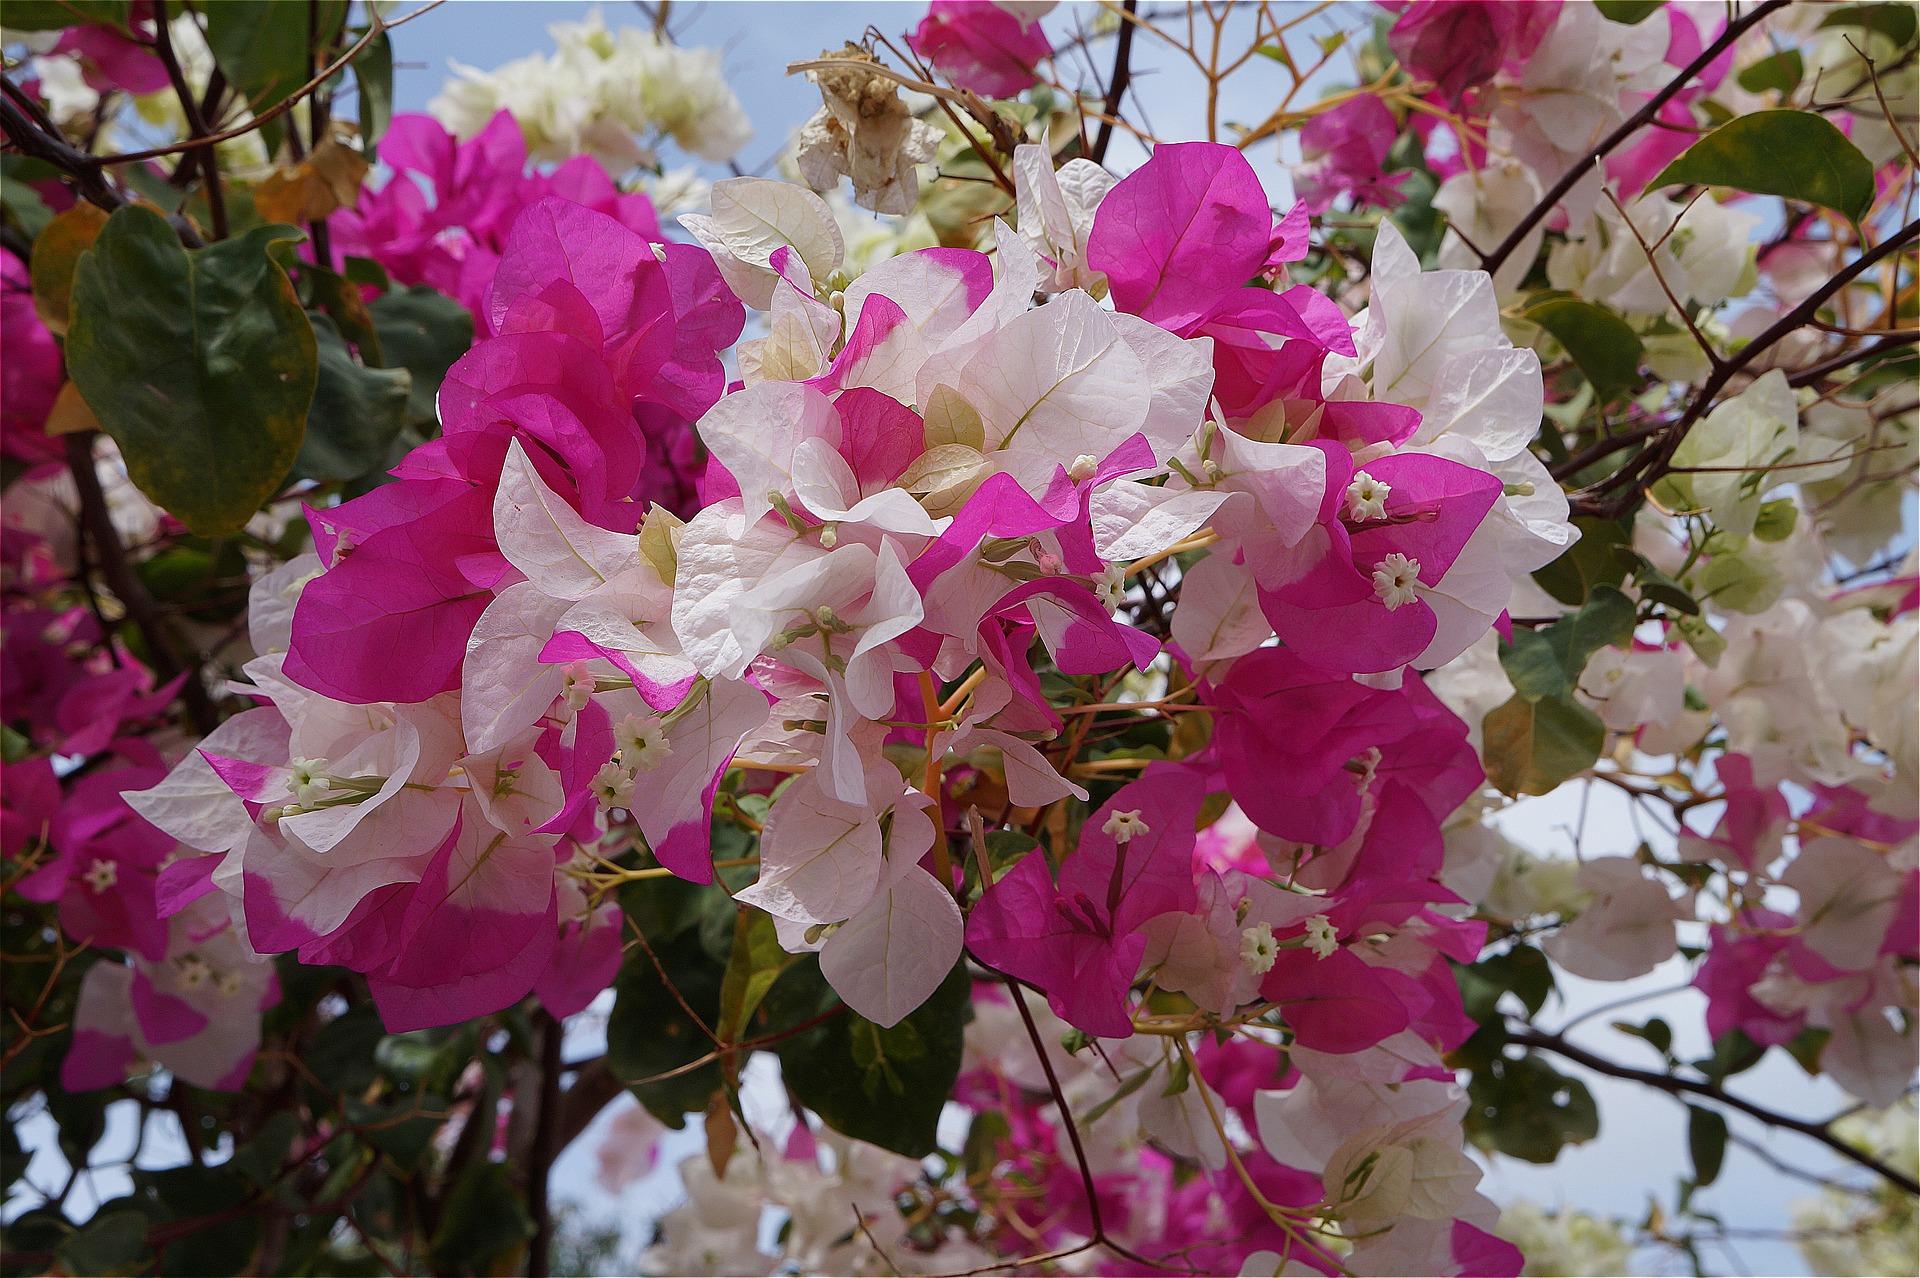 بالصور اجمل صور الورد , صور لارق انواع الزهور سهلة الزراعة في الحدائق المنزلية 2464 13